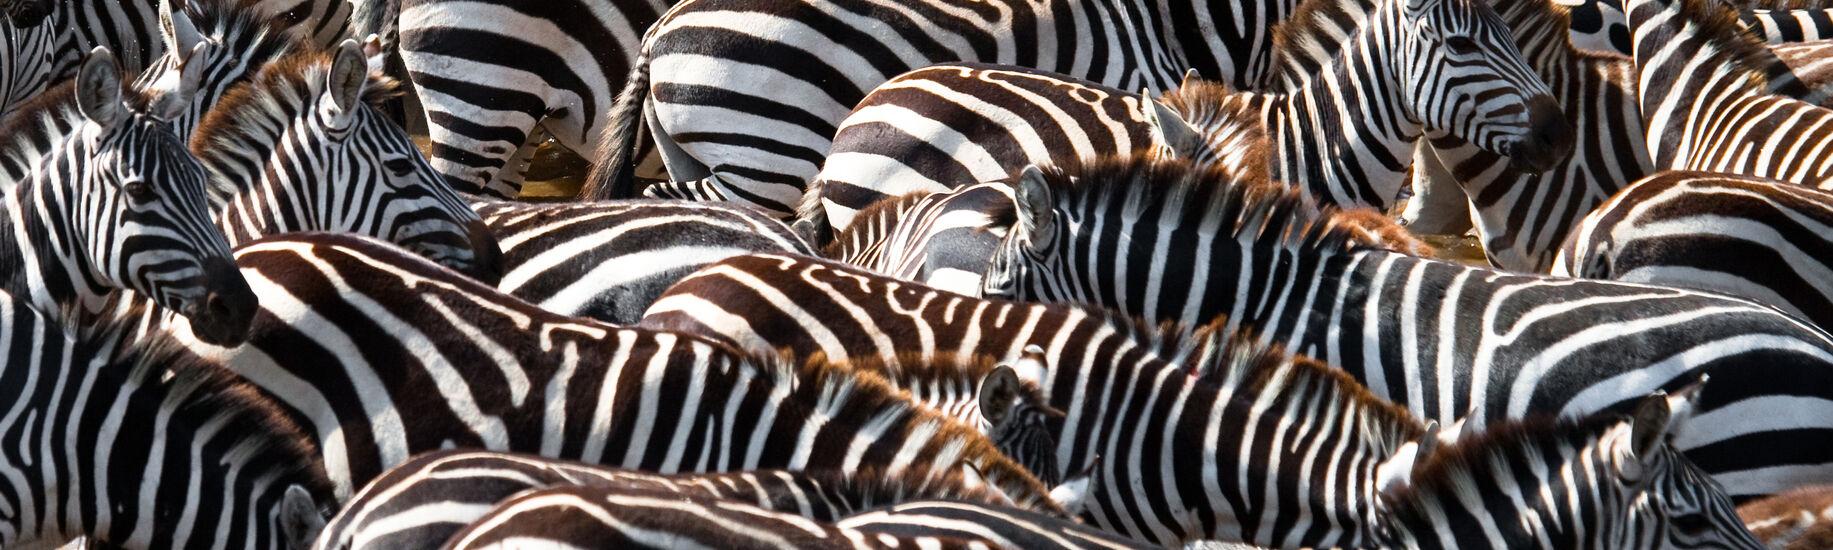 Tarangire and Lake Manyara National Parks